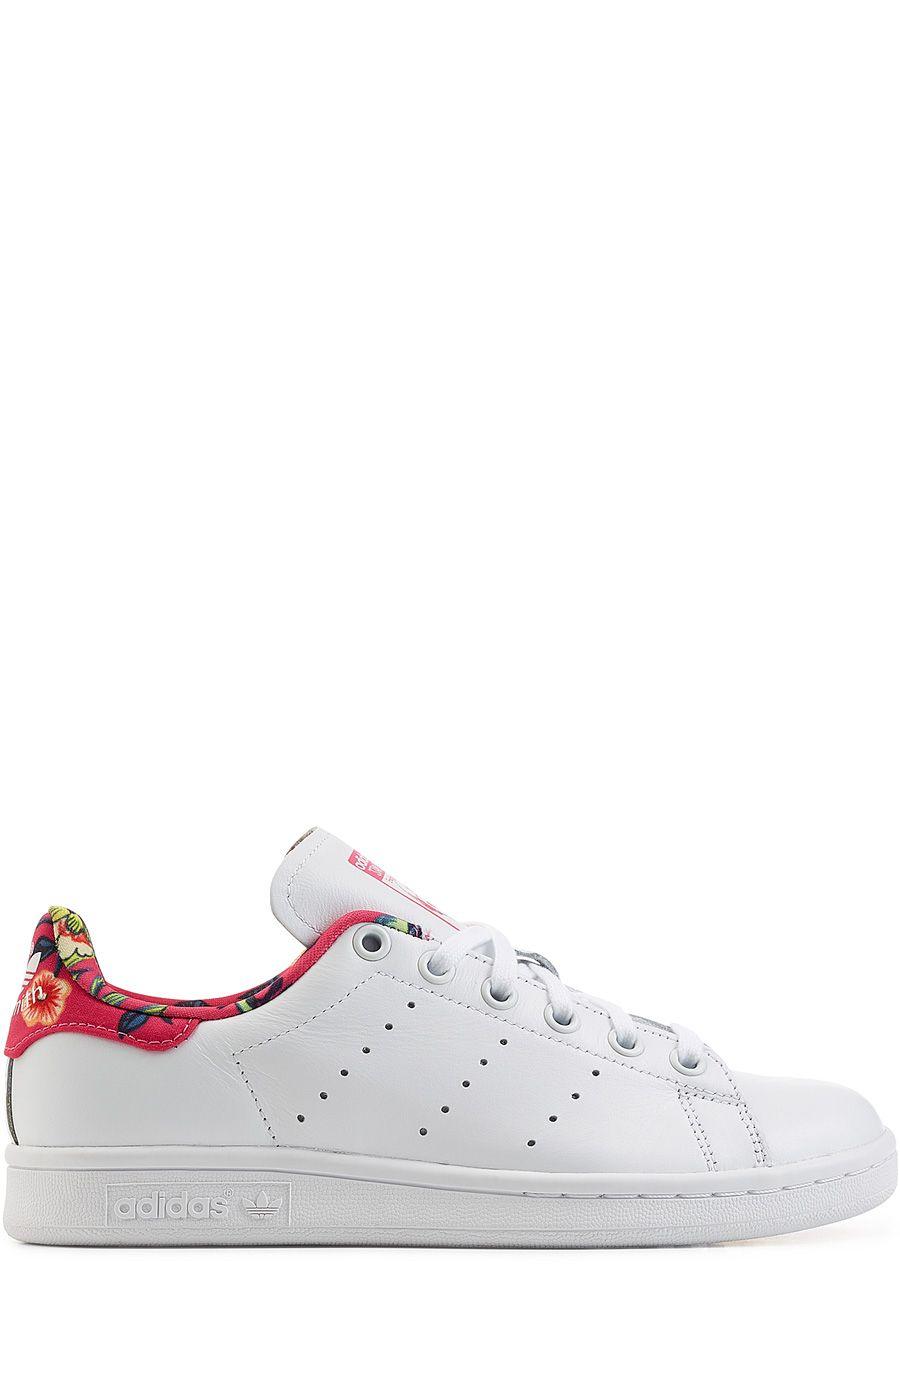 ボード「Adidas Originals」のピン